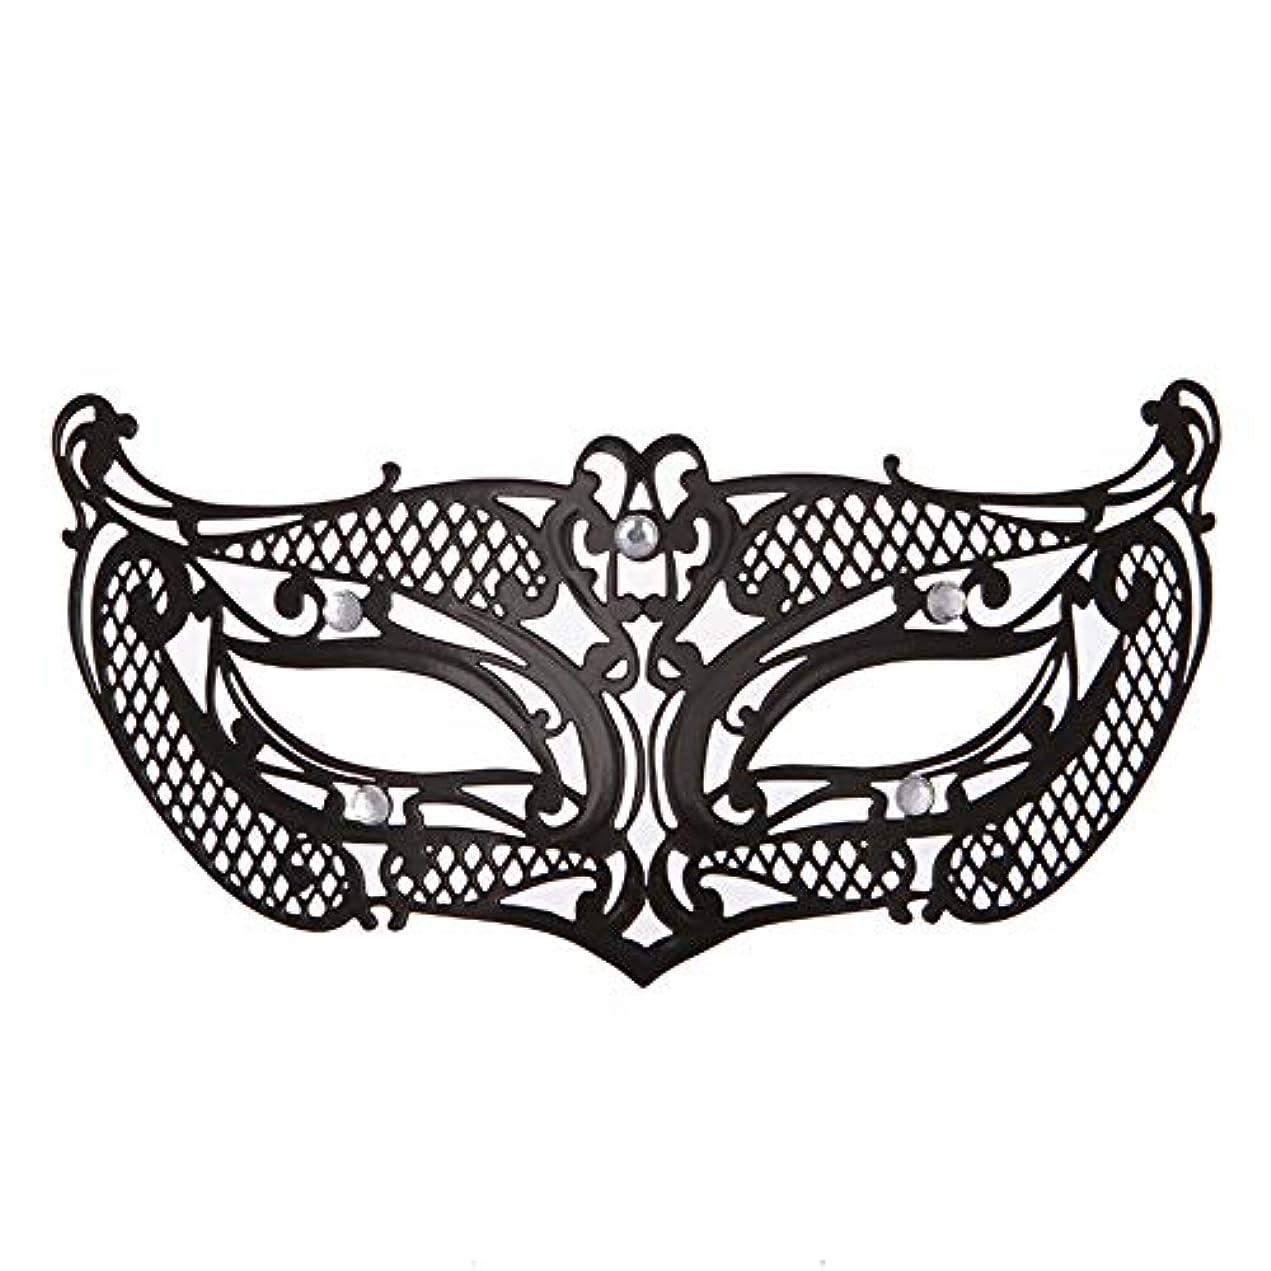 メジャー然とした対人ダンスマスク アイアンメタリックレースとダイヤモンドハーフマスクハロウィンダンスマスクナイトクラブボールマスクコスプレパーティーハロウィンマスク ホリデーパーティー用品 (色 : ブラック, サイズ : 19x8cm)